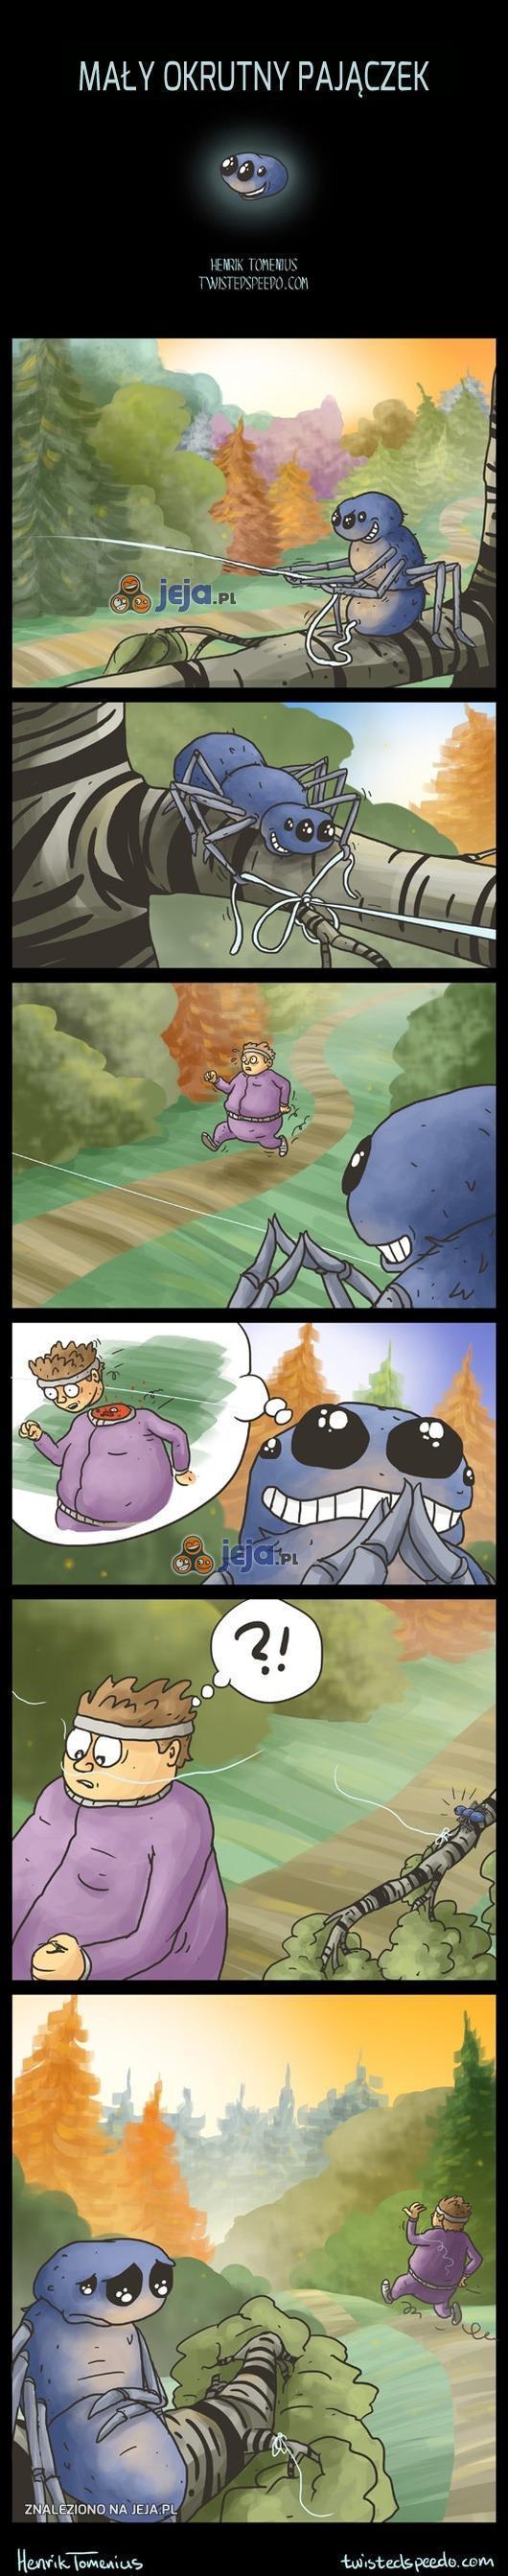 Mały okrutny pajączek